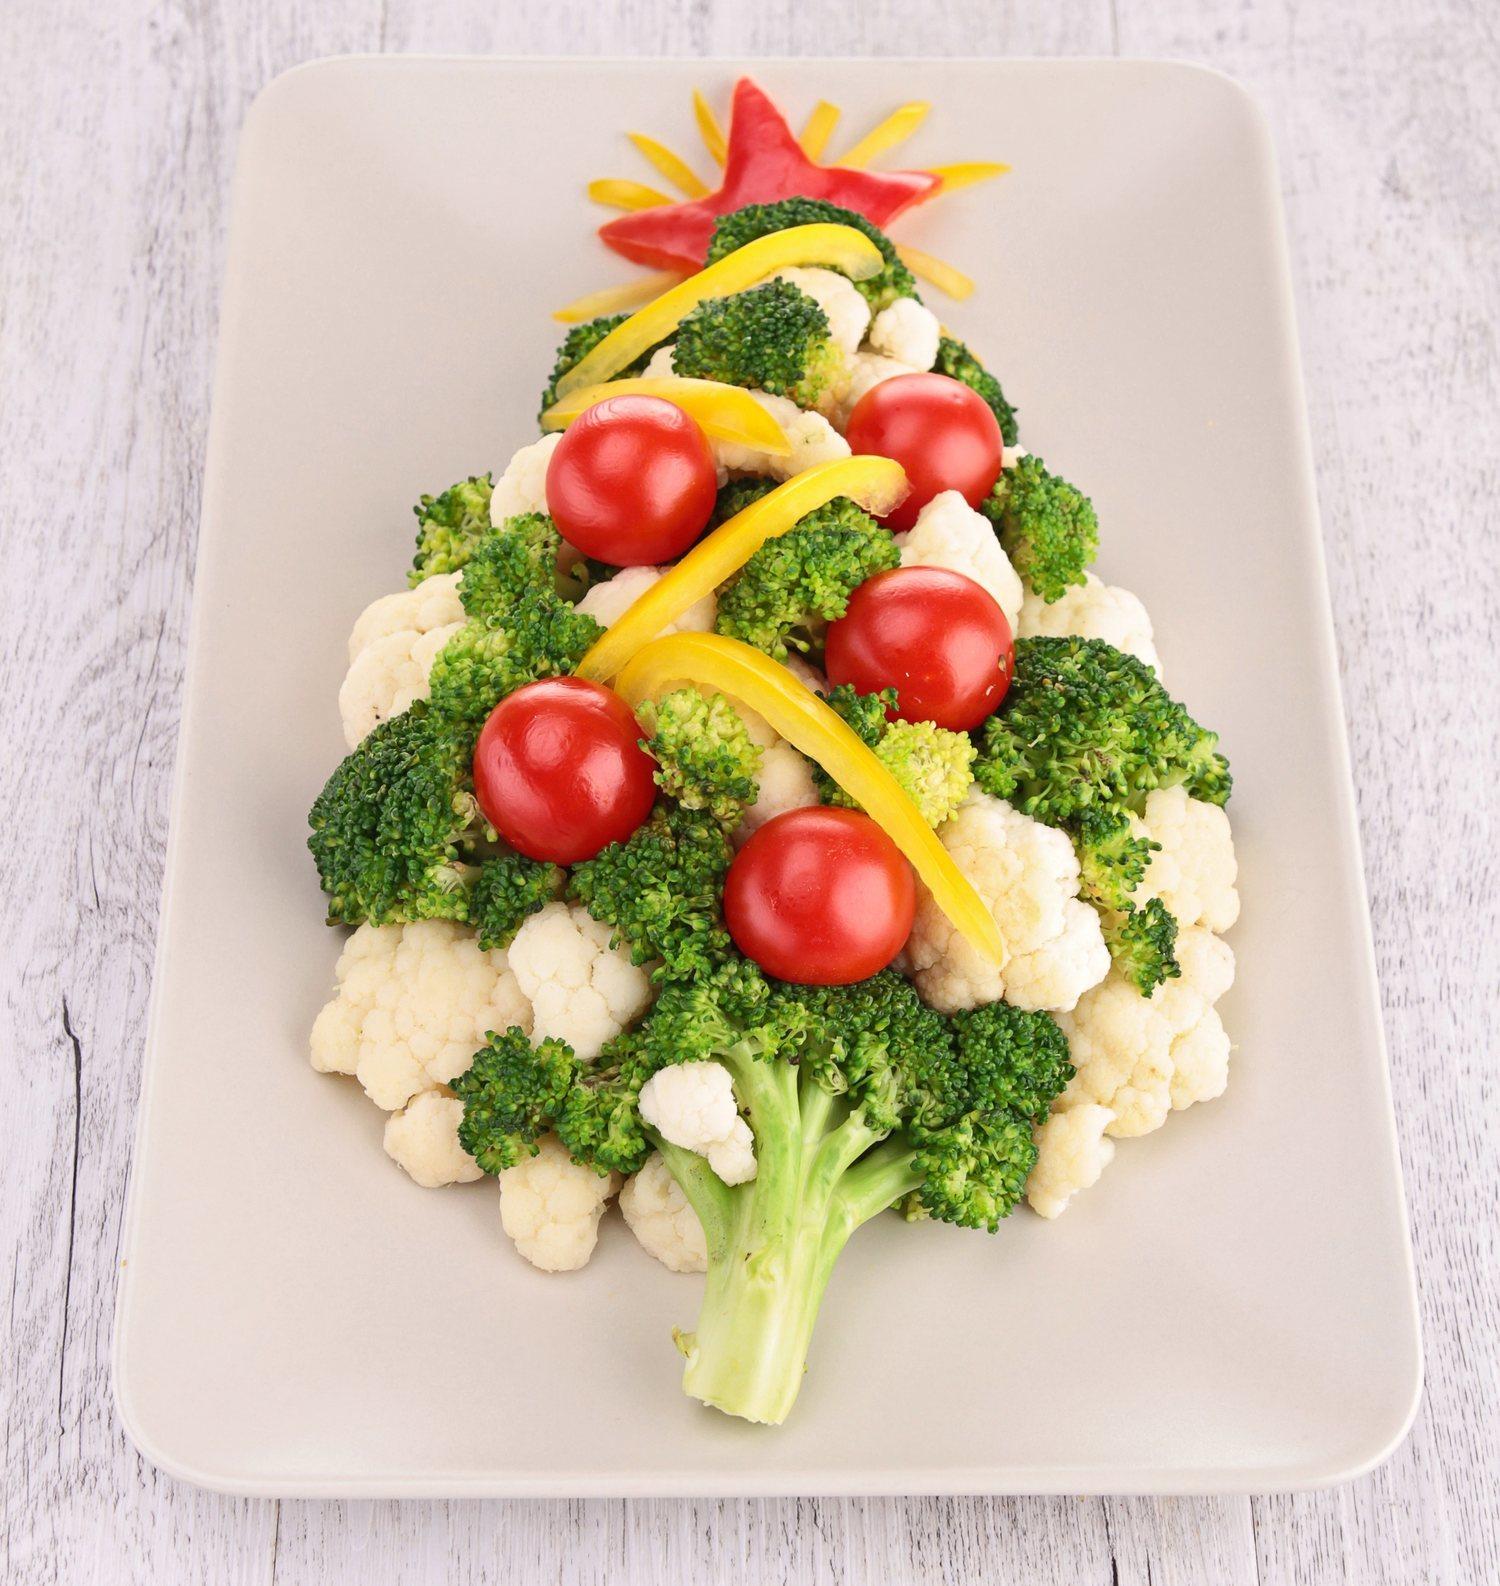 Hay que intentar comer más sano los días en que no tengamos ningún evento familiar.